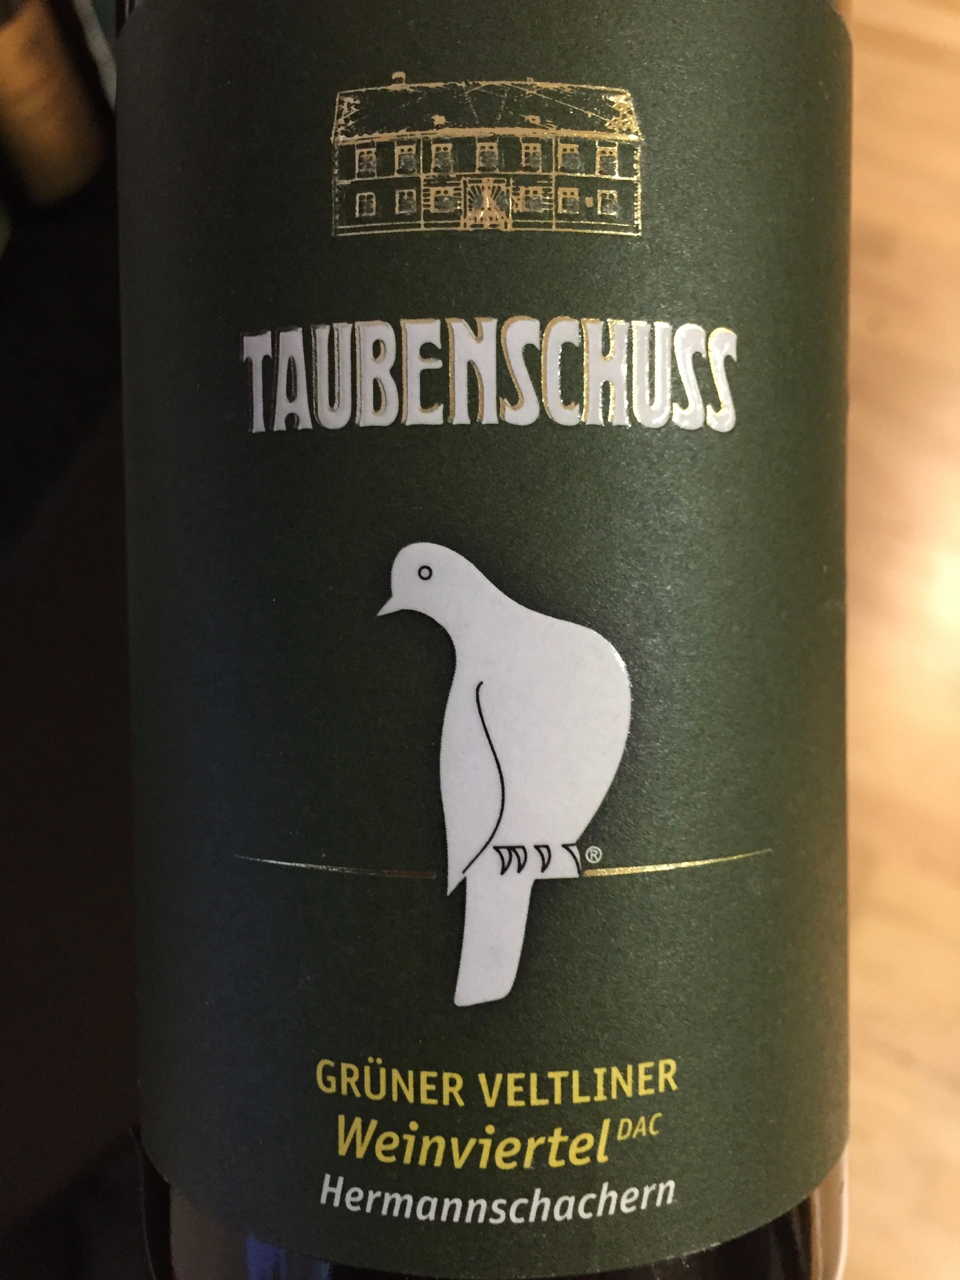 Grüner Veltliner (4).jpg